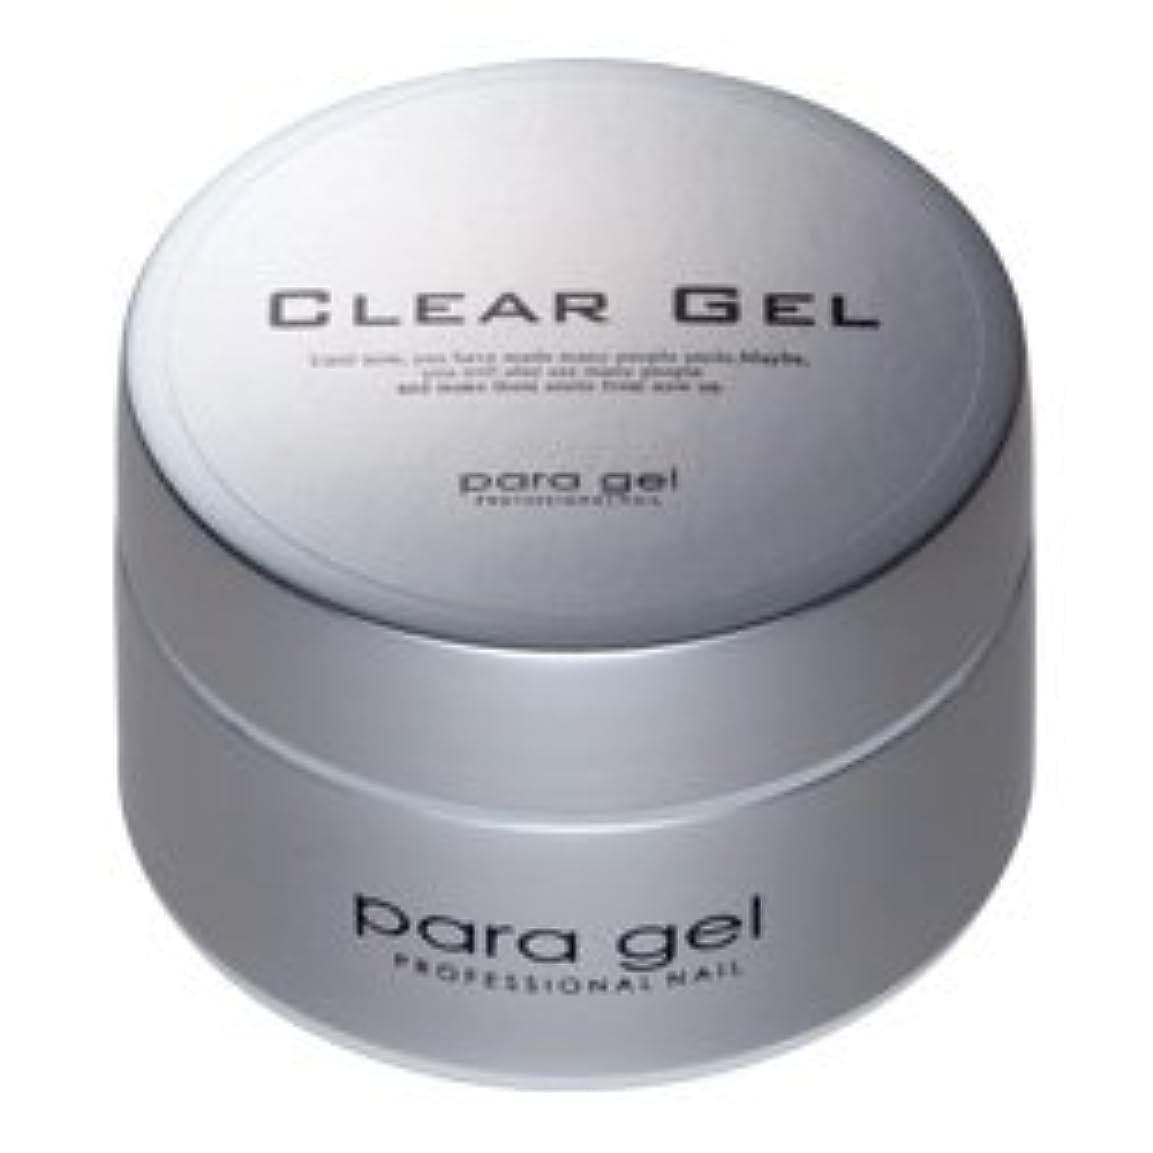 排泄する耐えられる法的★para gel(パラジェル) <BR>クリアジェル 10g